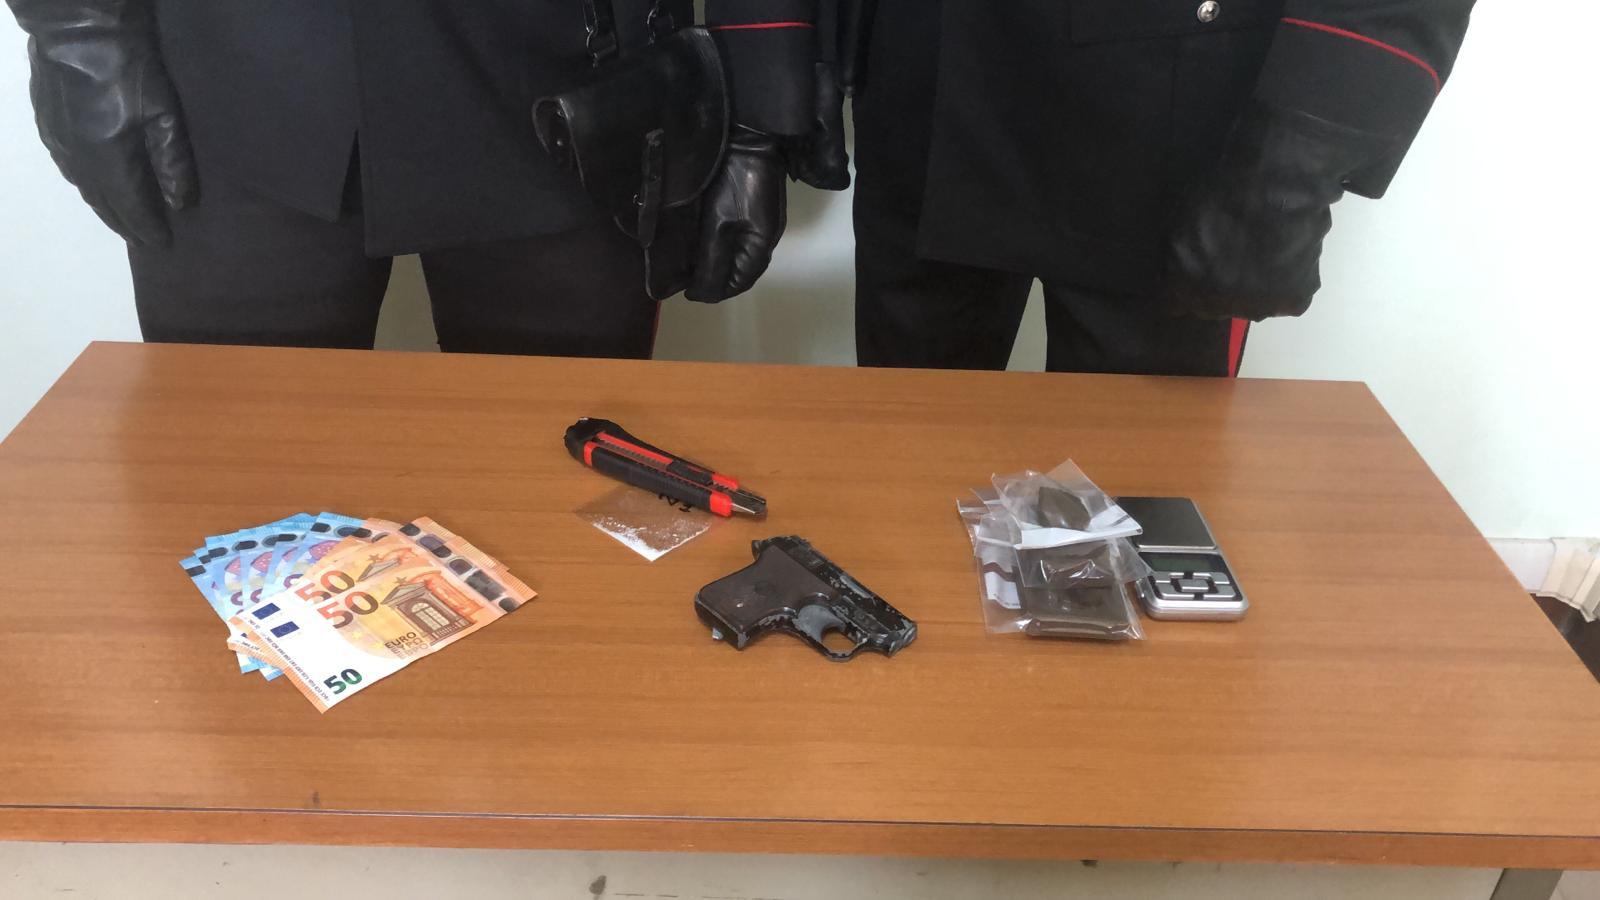 Castelnuovo di Porto: droga e lanciarazzi in casa. Arrestata giovane coppia